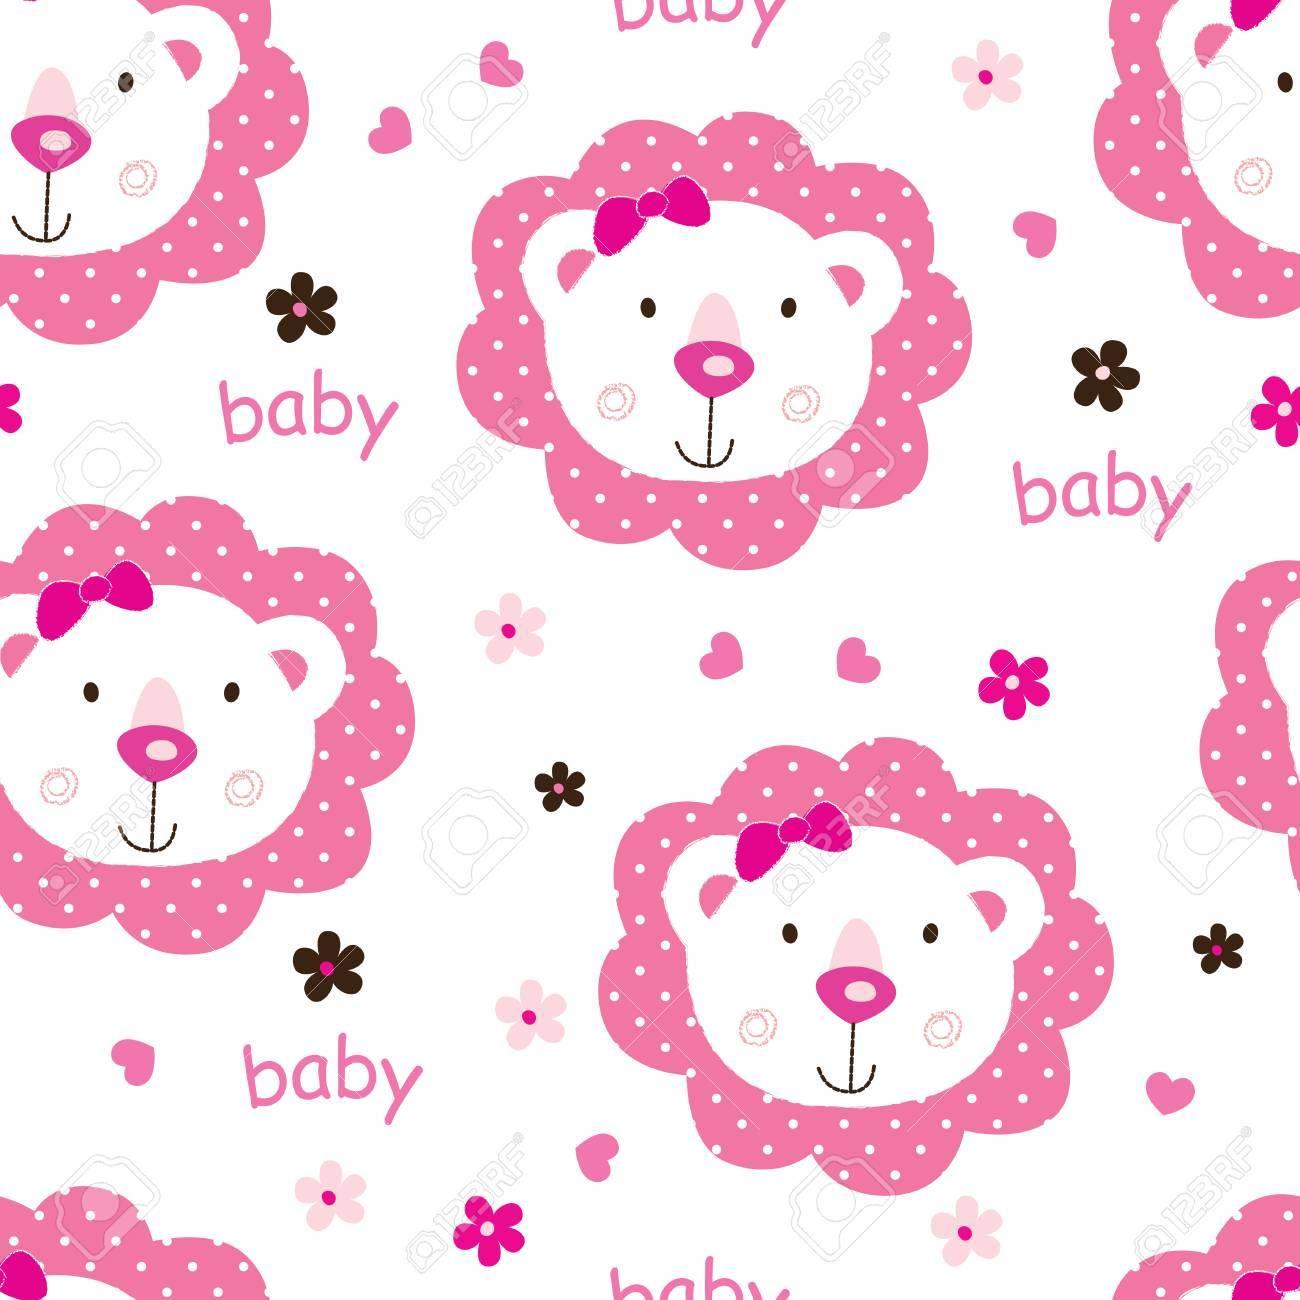 Nahtlose Muster Mit Niedlichen Baby Löwen Für Kindmädchen Design ...